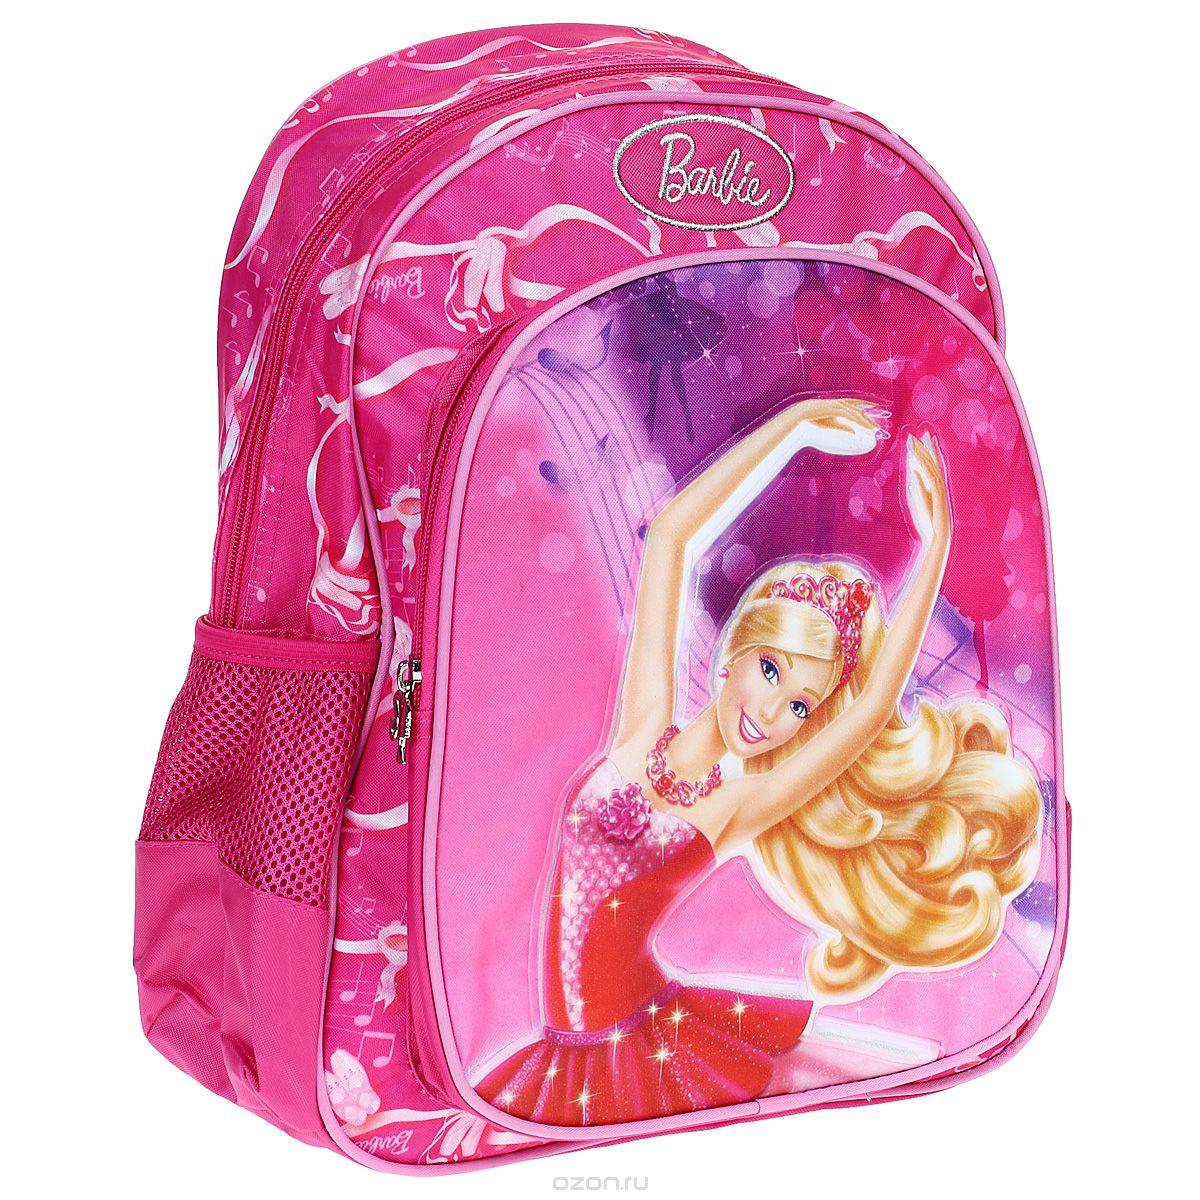 Рюкзак детский Barbie Балерина, цвет: розовый. 2271122711Барби – это любимая кукла девочек на протяжении уже многих поколений. Поэтому стильный и удобный рюкзачок Barbie серии Балерина станет любимым аксессуаром юной модницы. В его объемное внутренне отделение на молнии поместятся все необходимые для учебы вещи, в том числе и предметы форматом А4. Два лицевых кармана на молнии подойдут для тетрадей и пенала. Усиленная спинка EVA комфортно прилегает и оберегает от неприятного взаимодействия с твердыми предметами, которые могут переноситься в рюкзаке. Широкие ремни с мягкой прокладкой равномерно распределяют нагрузку на плечевой пояс и оберегают от натирания. Благодаря регулируемым лямкам, рюкзак подойдет детям любого роста. Гибкая ручка удобна для ношения в руке. Изделие изготовлено из износостойкой ткани, что позволит ему верно служить долгое время. Аксессуар декорирован ярким принтом (сублимированной печатью), вышивкой, объемной аппликацией и стильной подвеской на застежке.